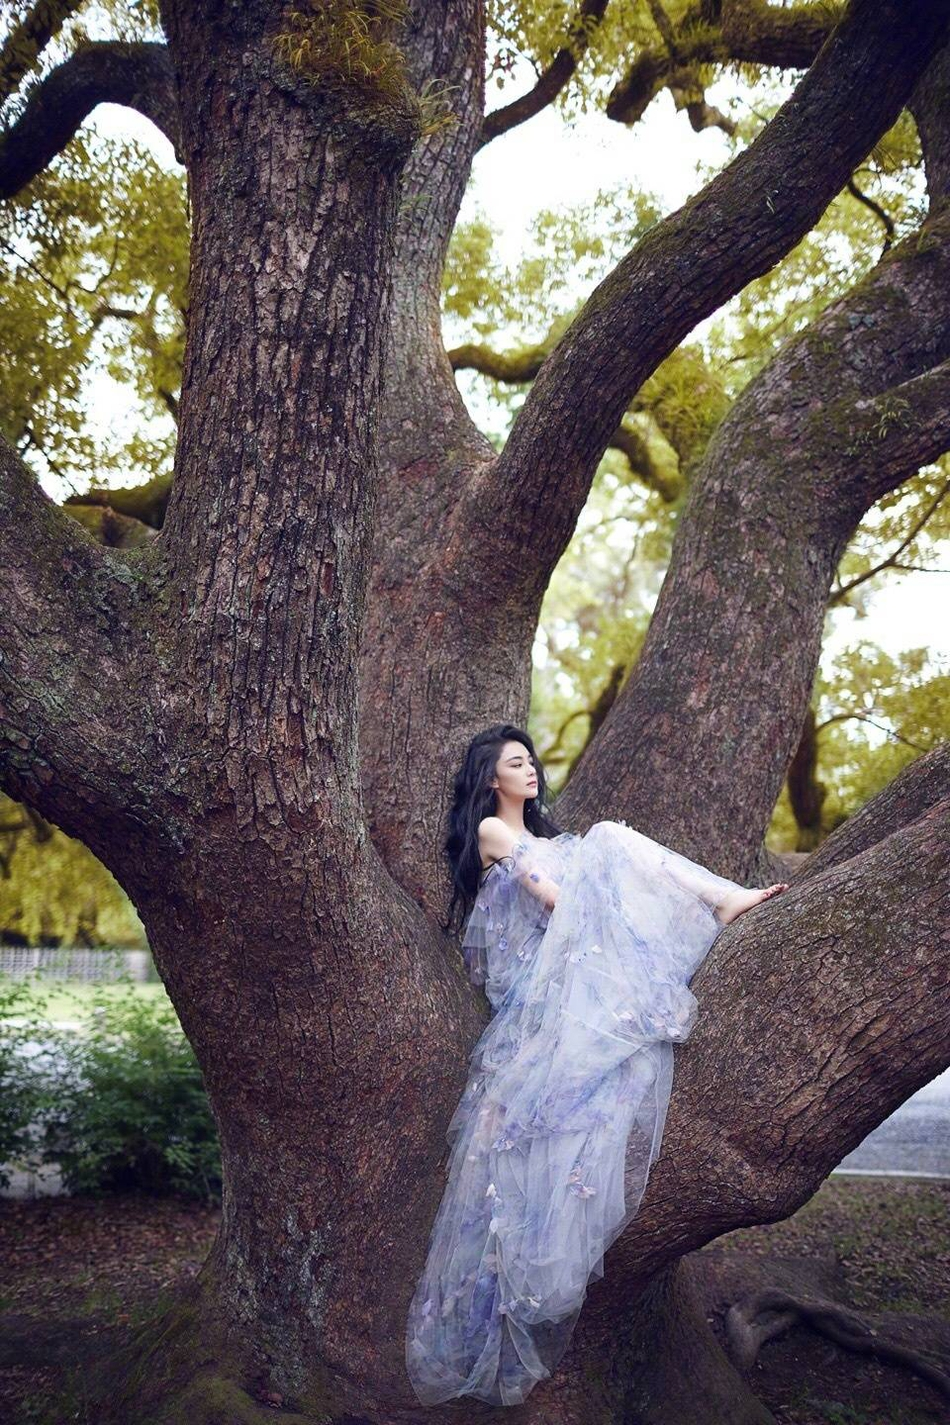 张馨予林间大片 是不可多得的尤物十分惊艳